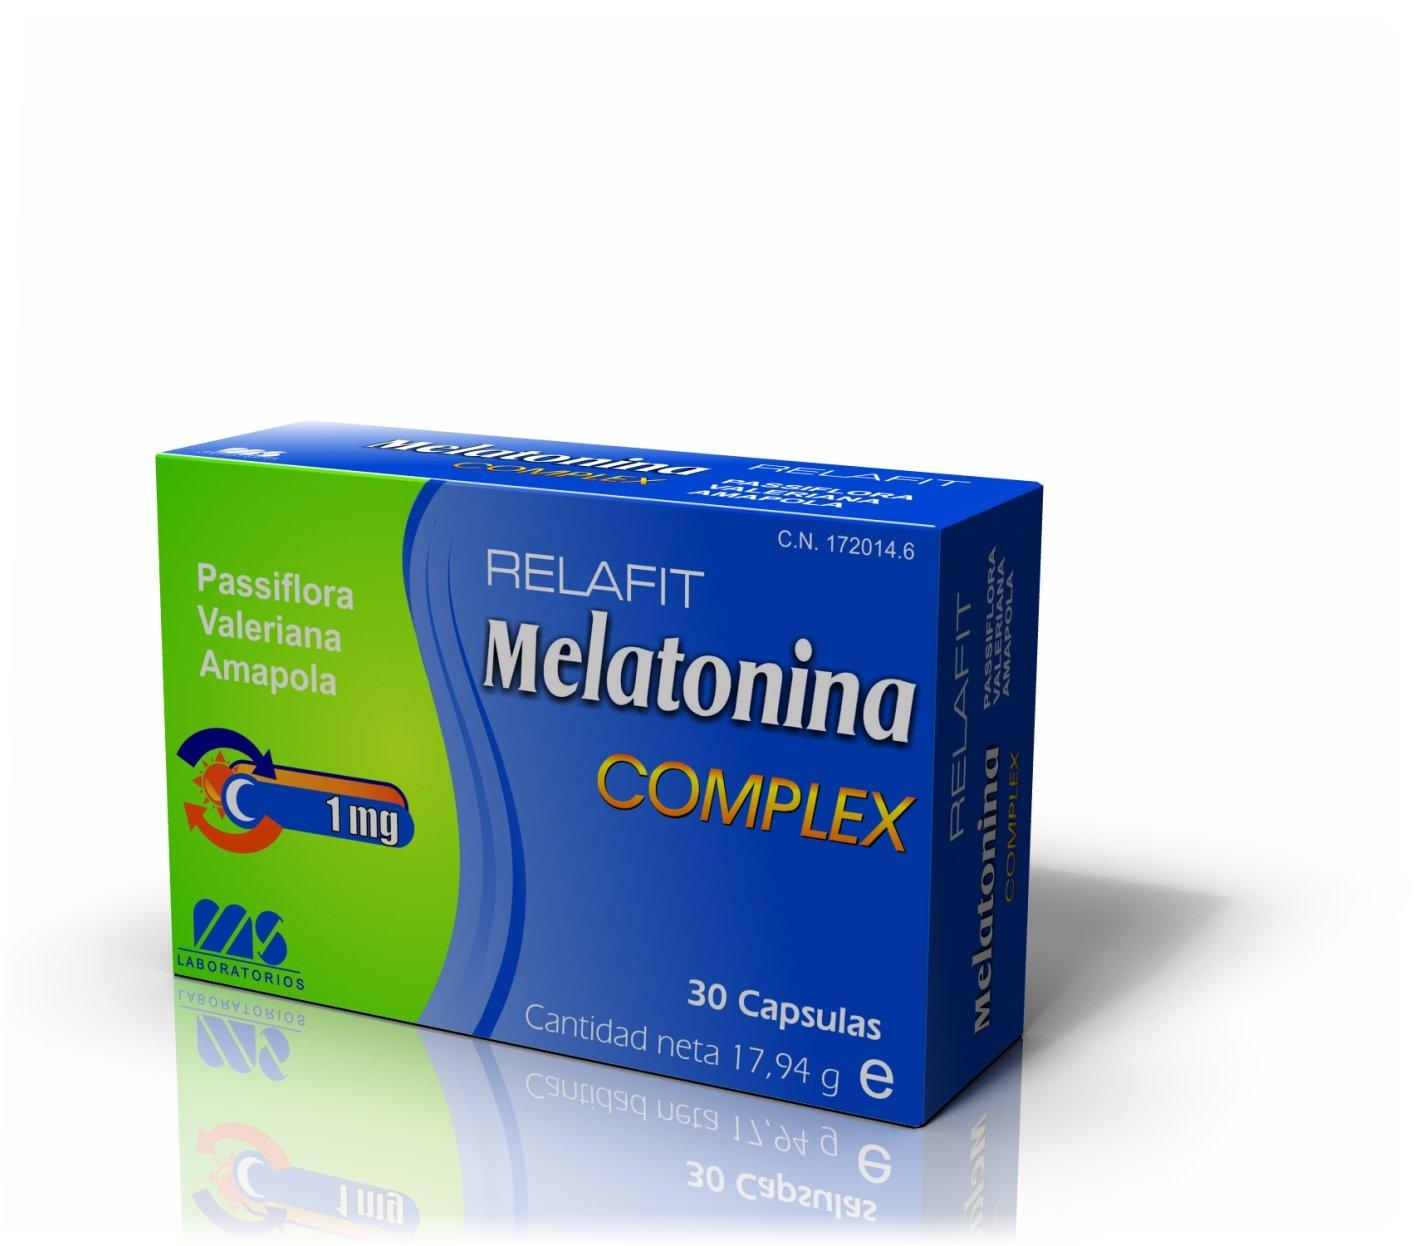 Relafit Cápsulas de Melatonina Complex Blister - 30 unidades: Amazon.es: Salud y cuidado personal